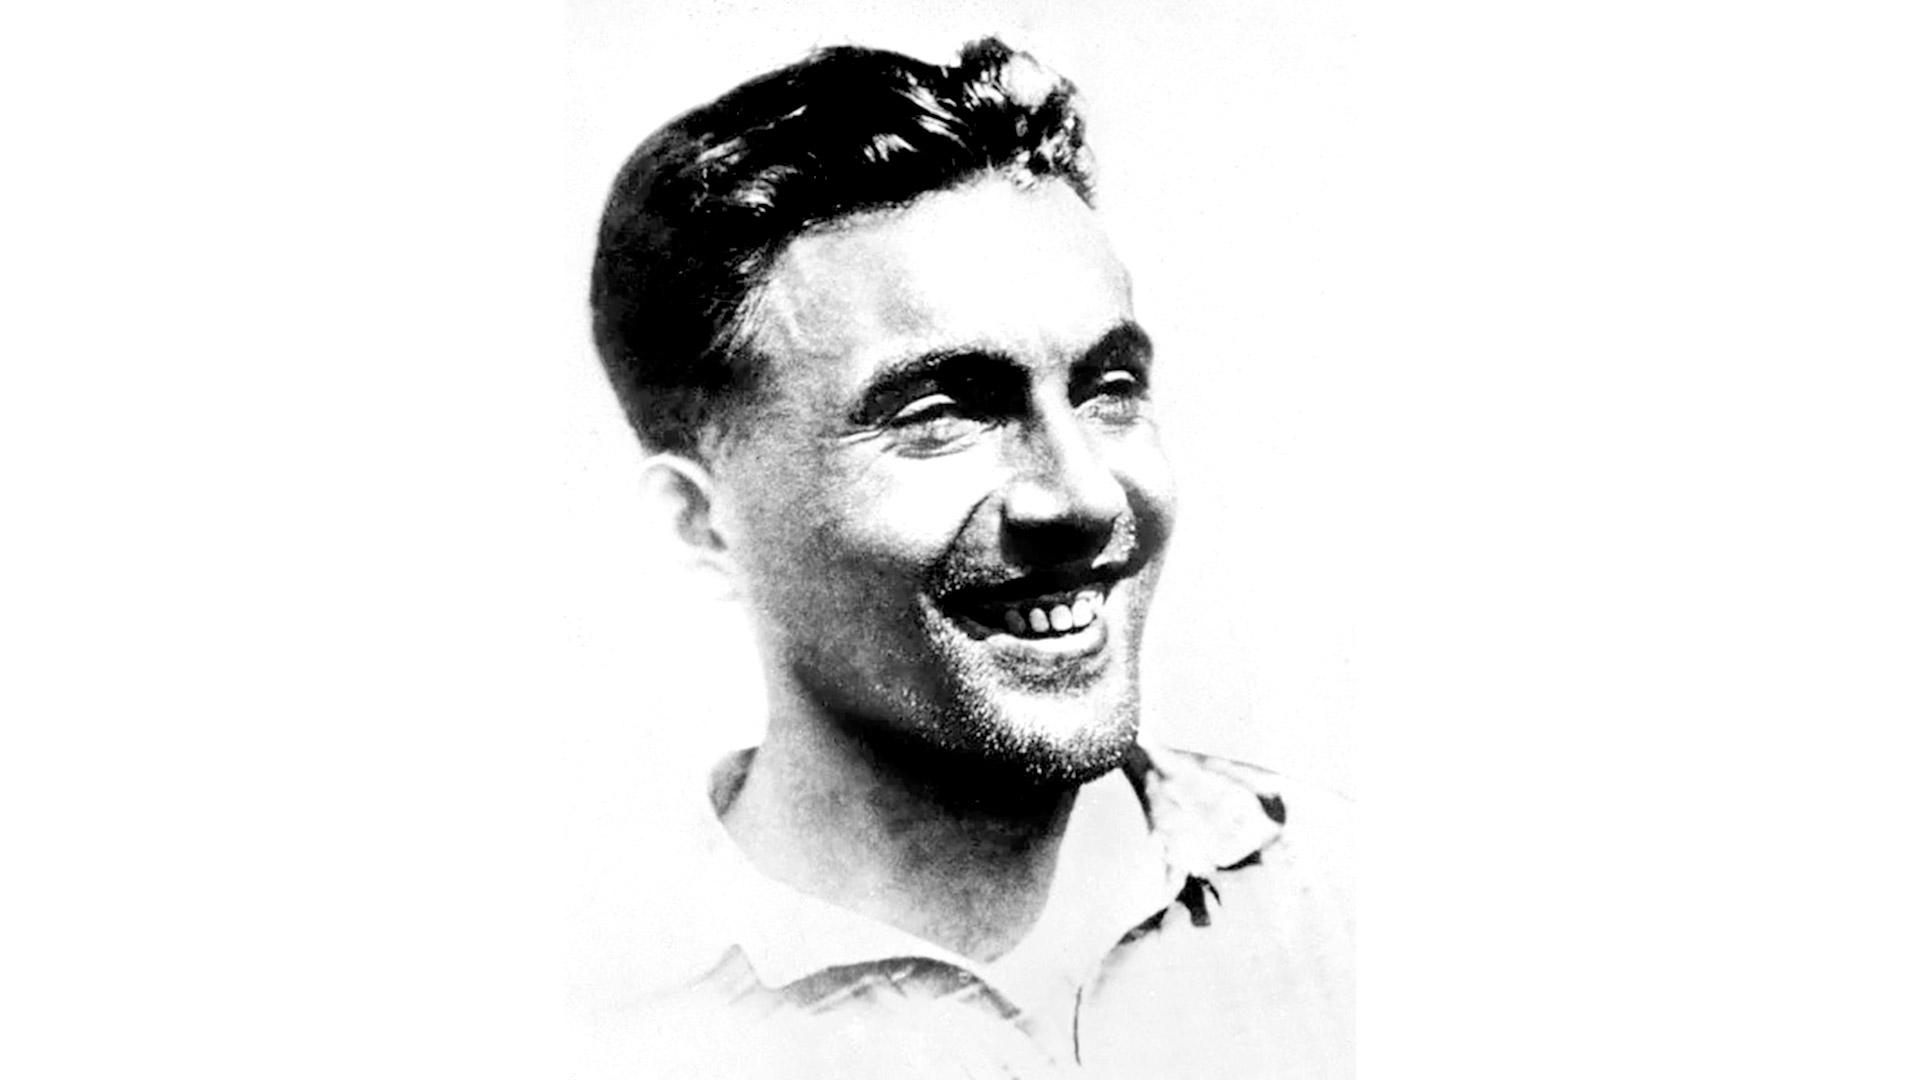 El periodista ahorcado por los nazis: las torturas, el horror y el libro  clandestino de un condenado a muerte - Infobae